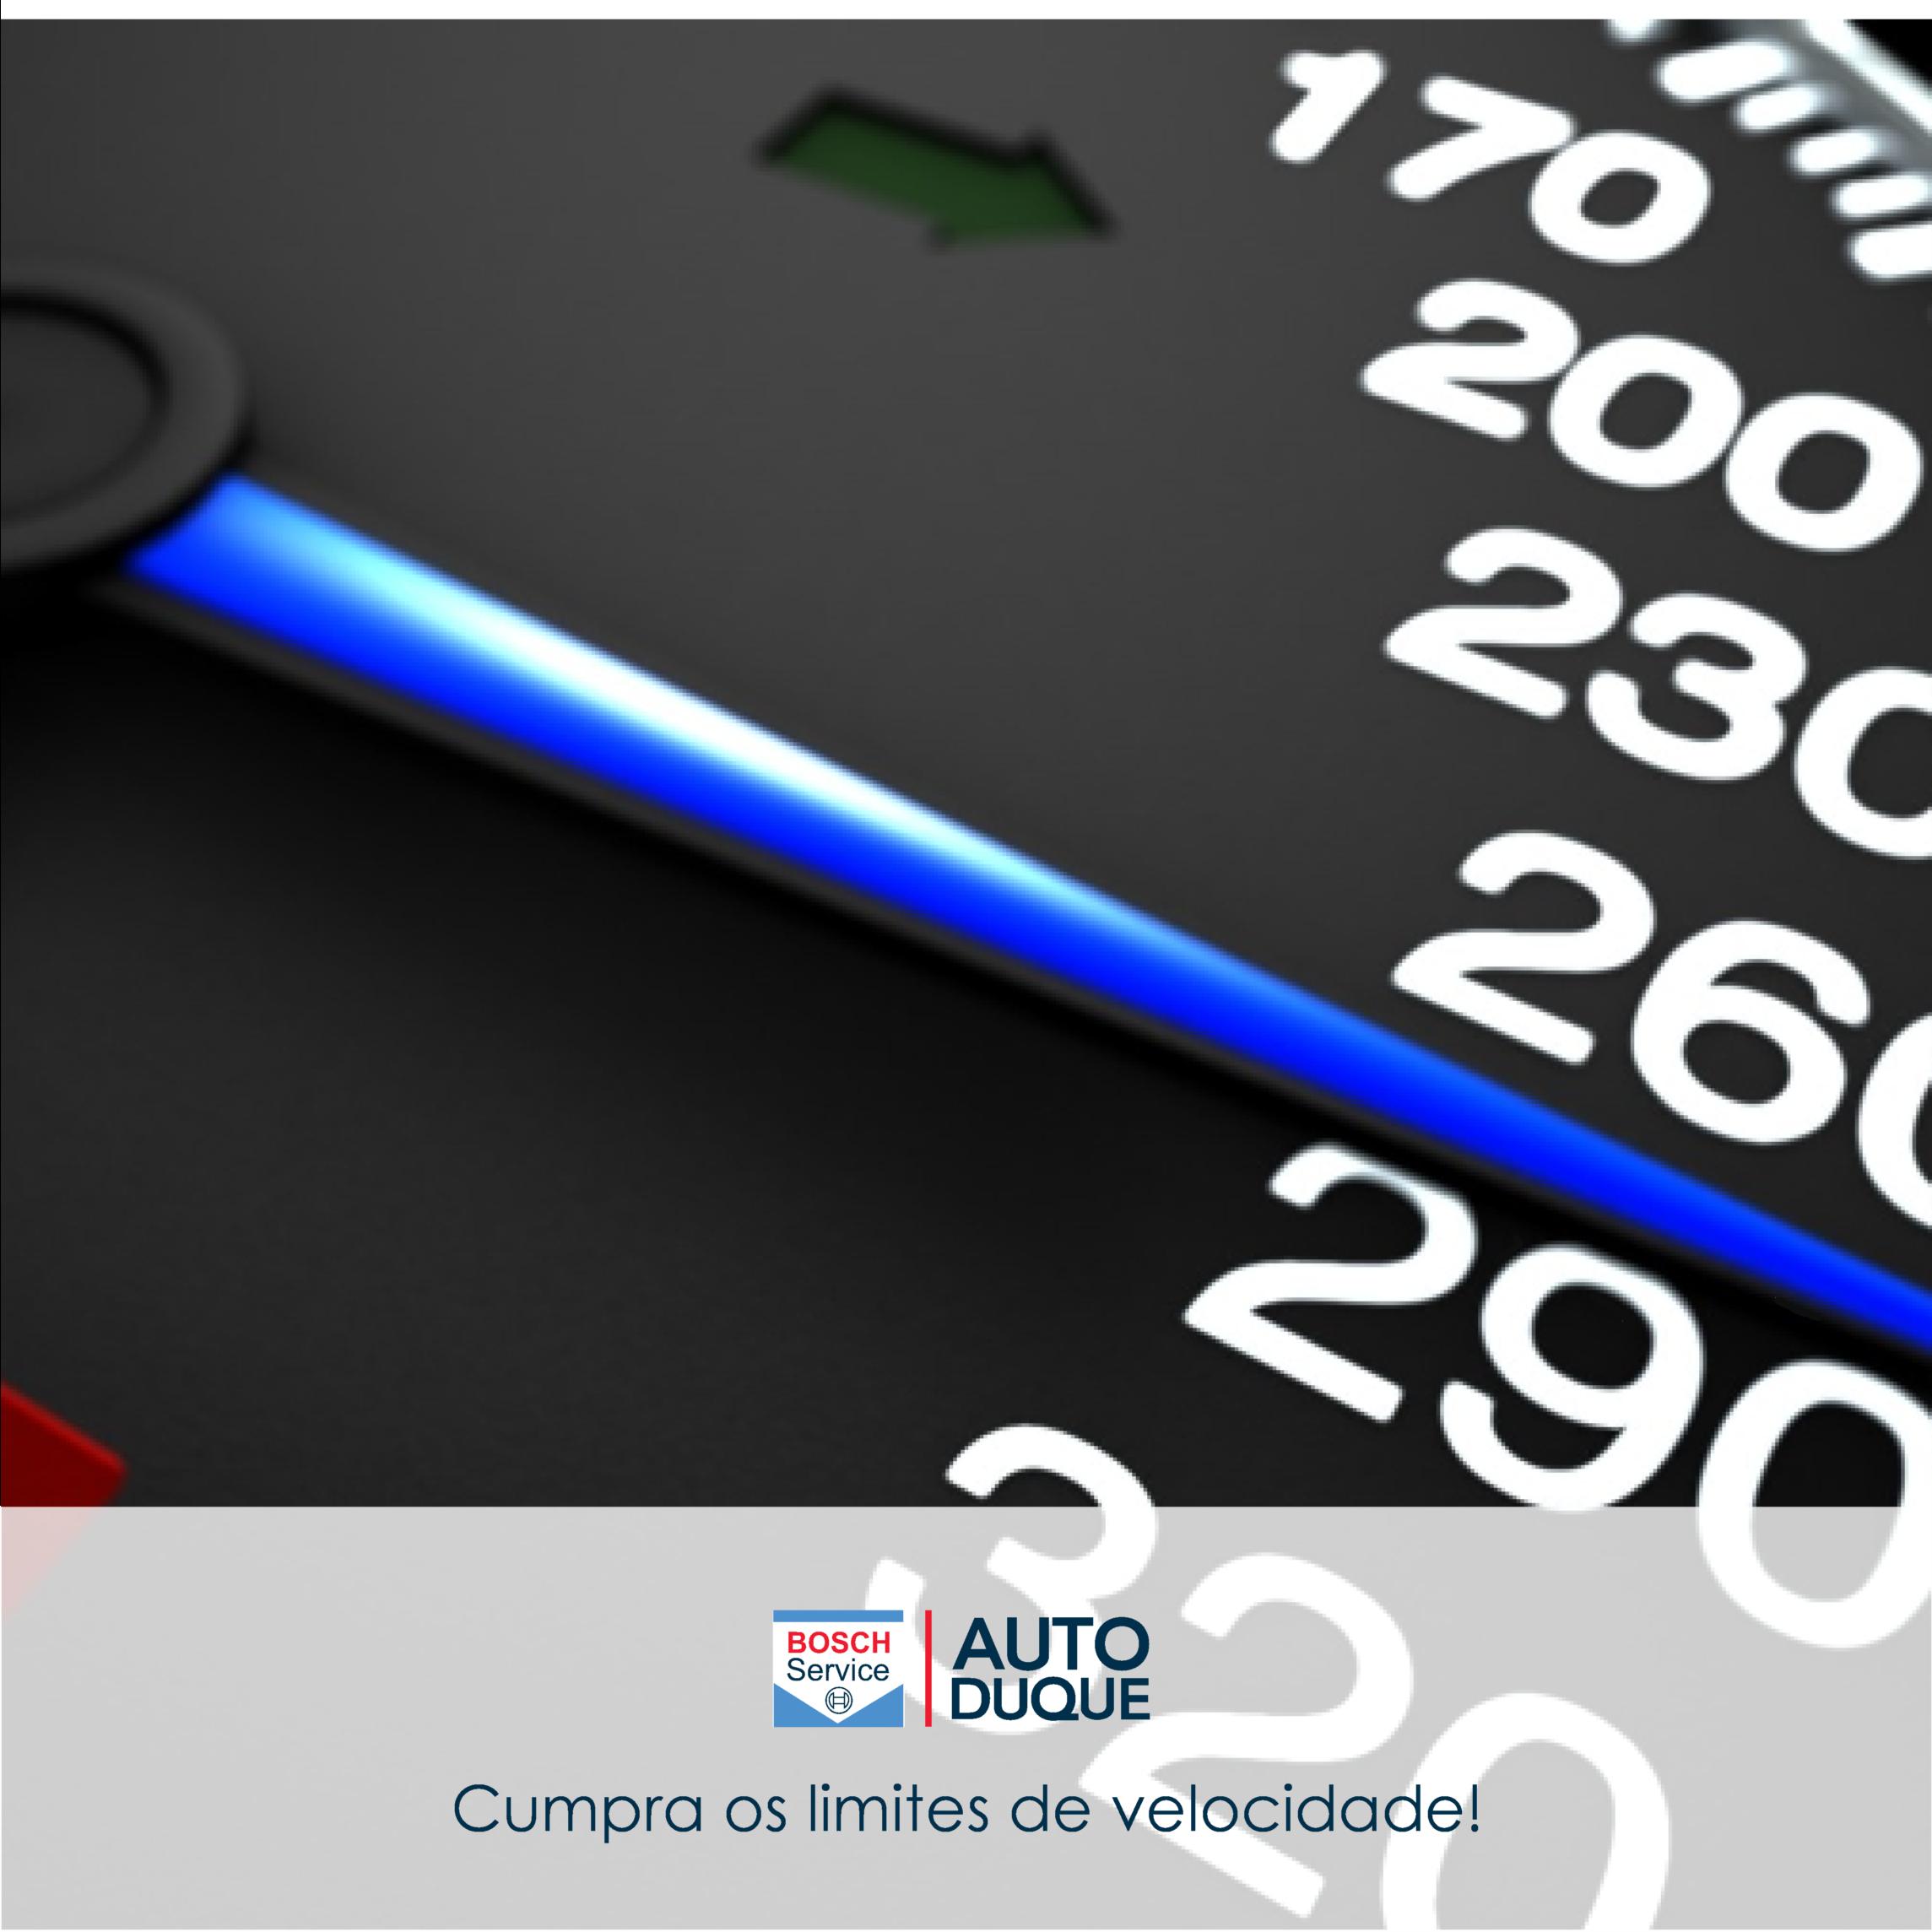 Cumpra os limites de velocidade. Para além de #poupar combustível, contribui para a segurança rodoviária.